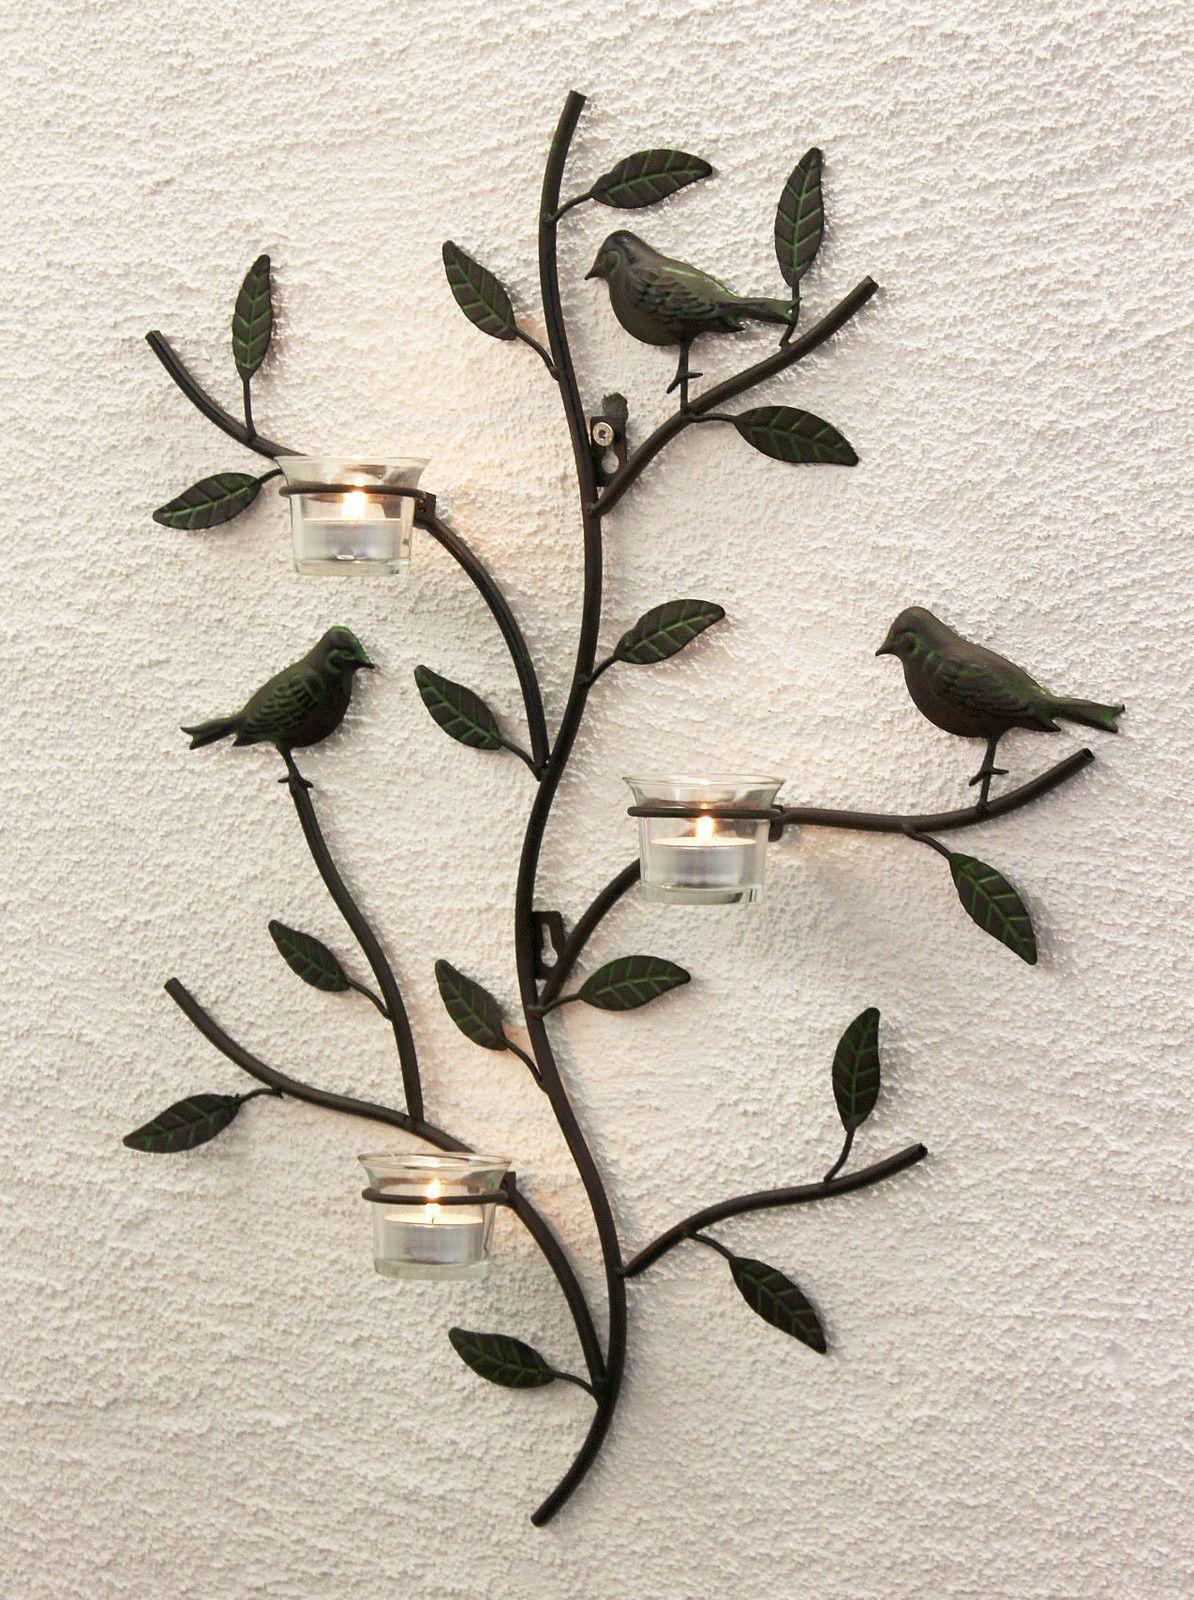 Wandteelichthalter 131002 Teelichthalter Metall 57 cm ...